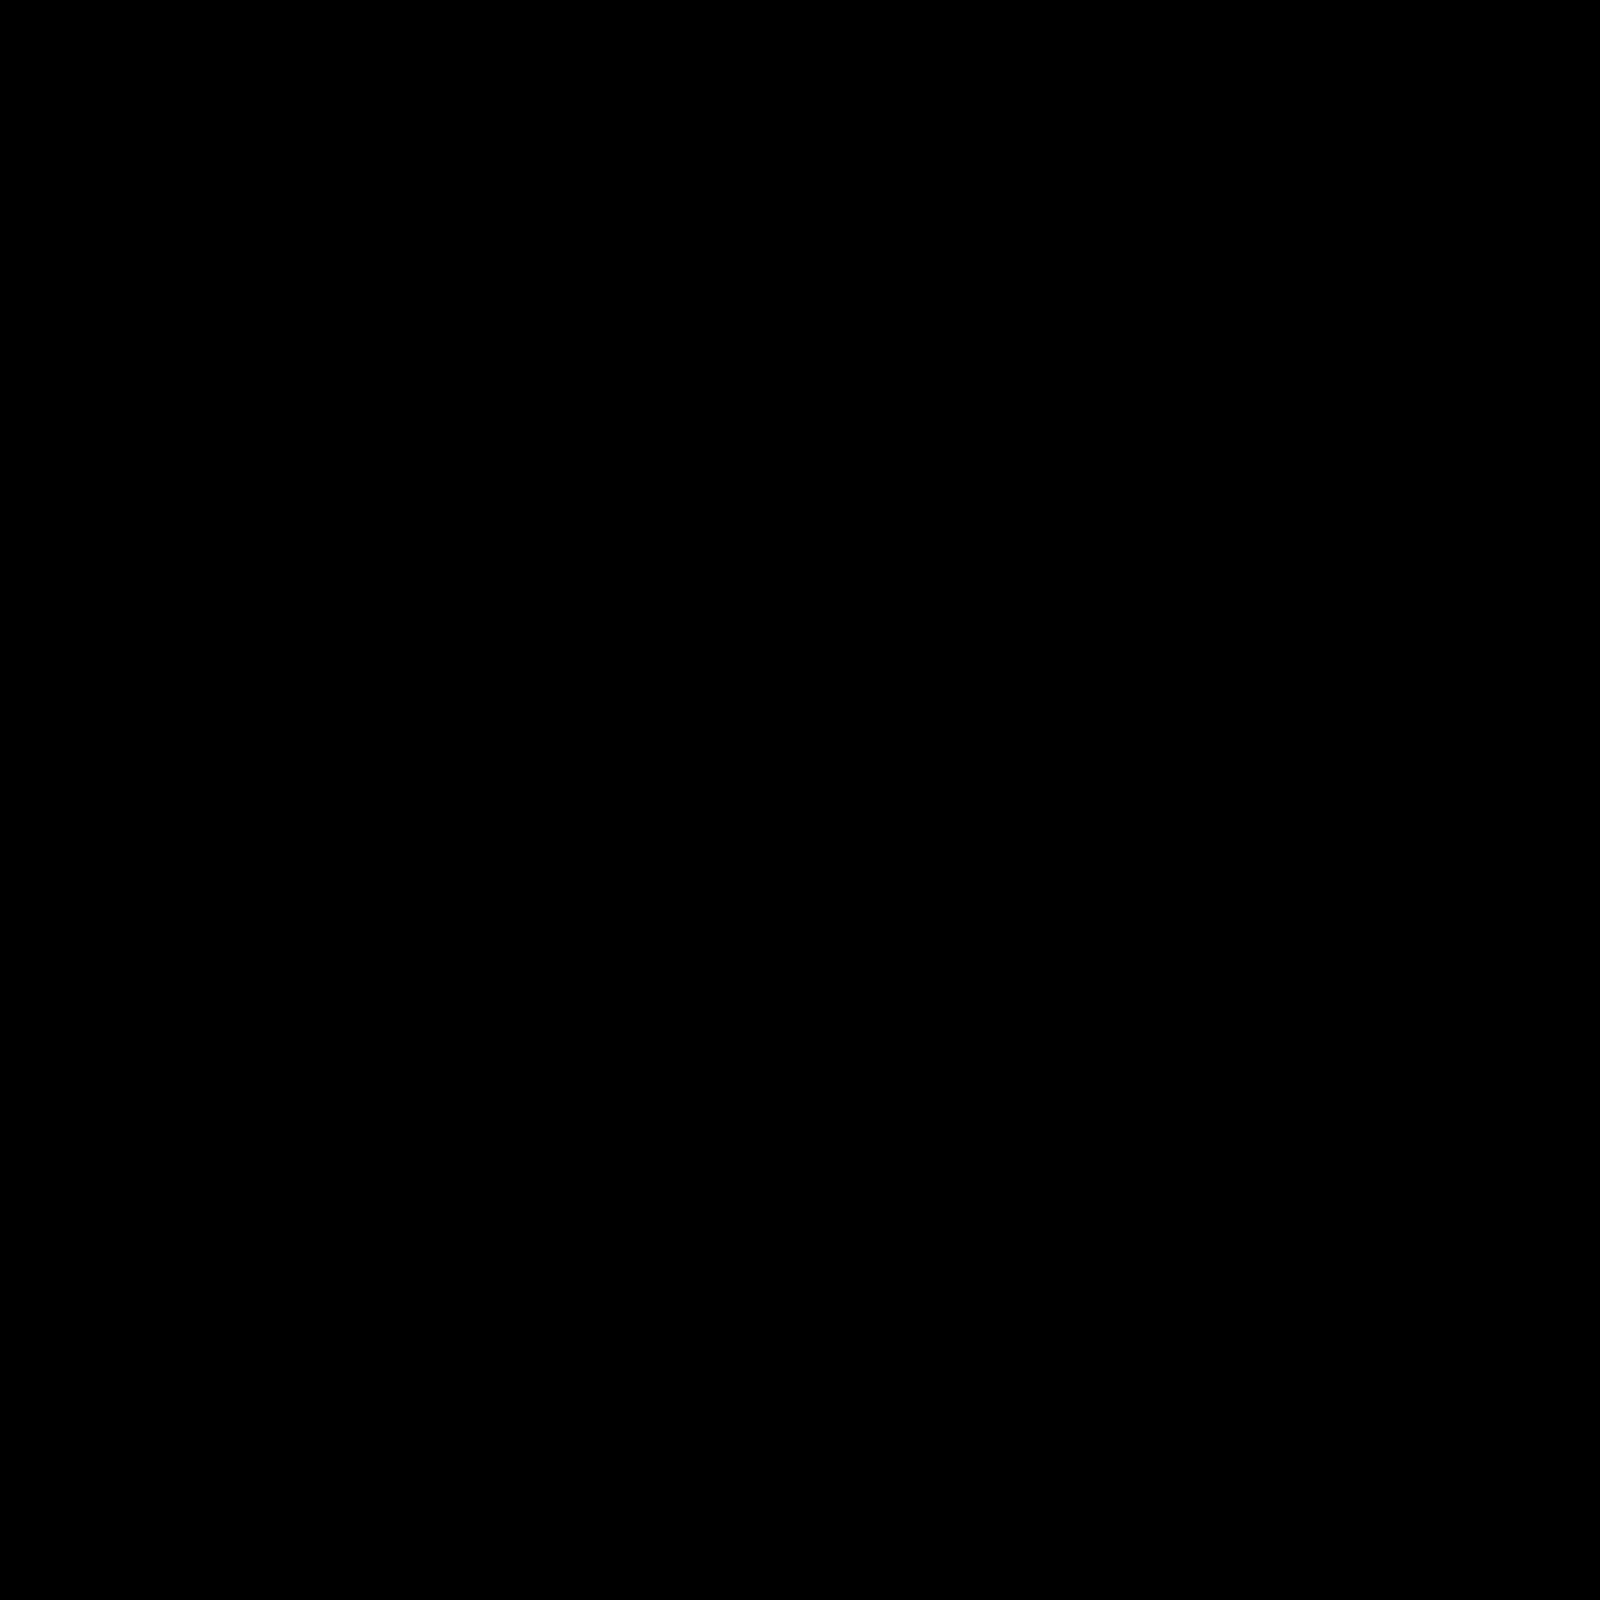 イチゴ icon. This is a picture of a strawberry. The main part of it is like a curved arrow pointing left and it his dots in the center. The top has a 3 edged object which is the leaf.